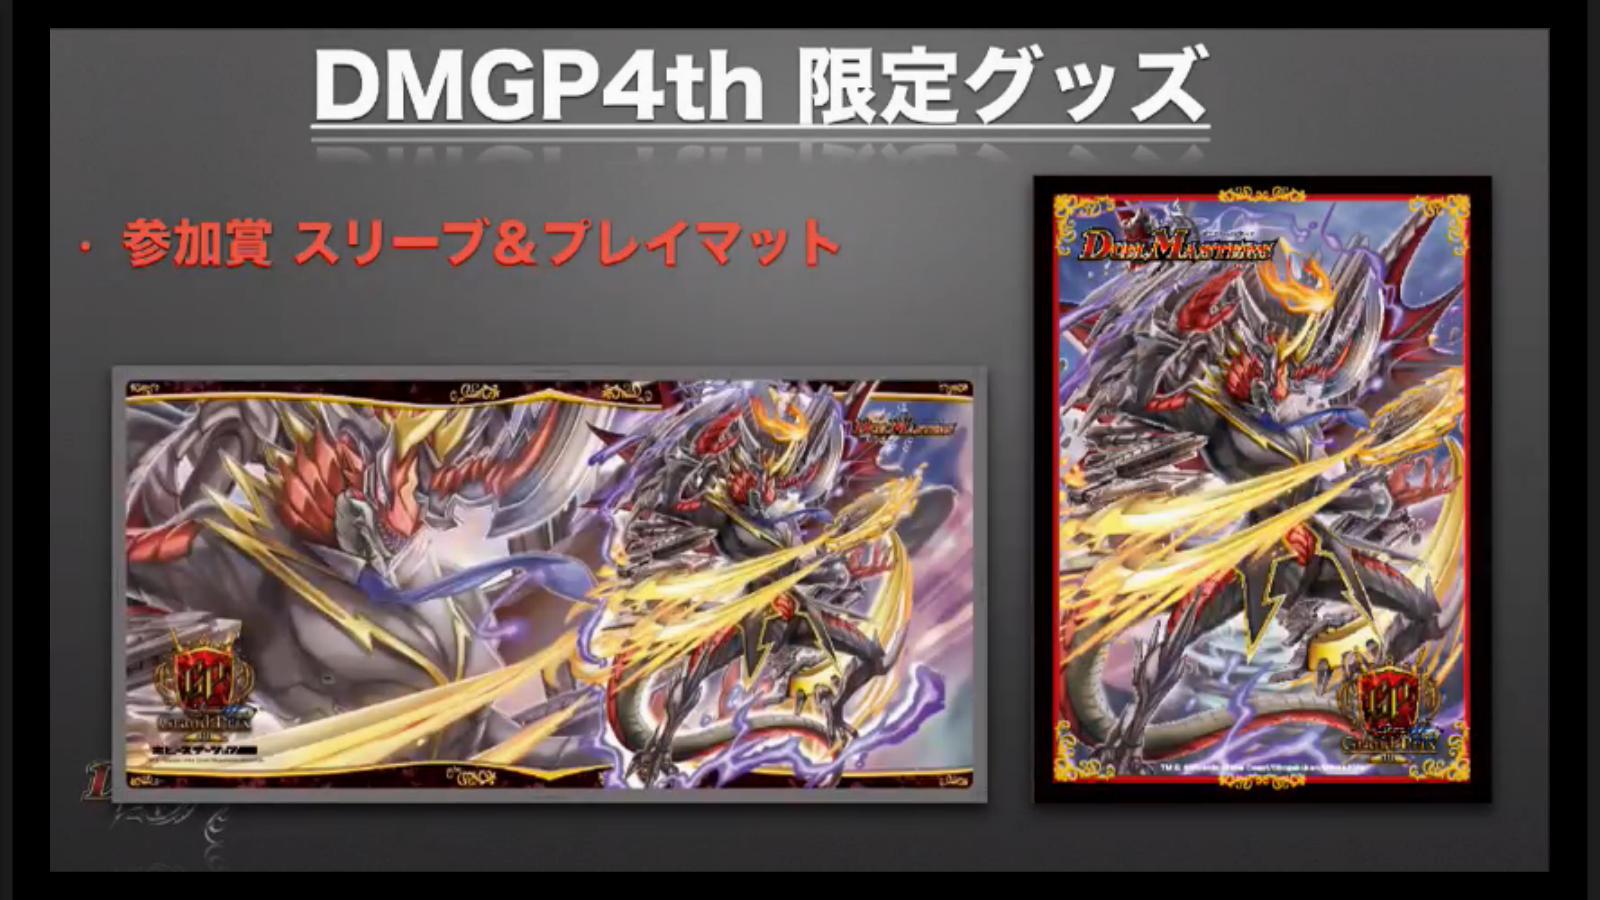 dm-kakumei-finalcup-news-170226-111.jpg